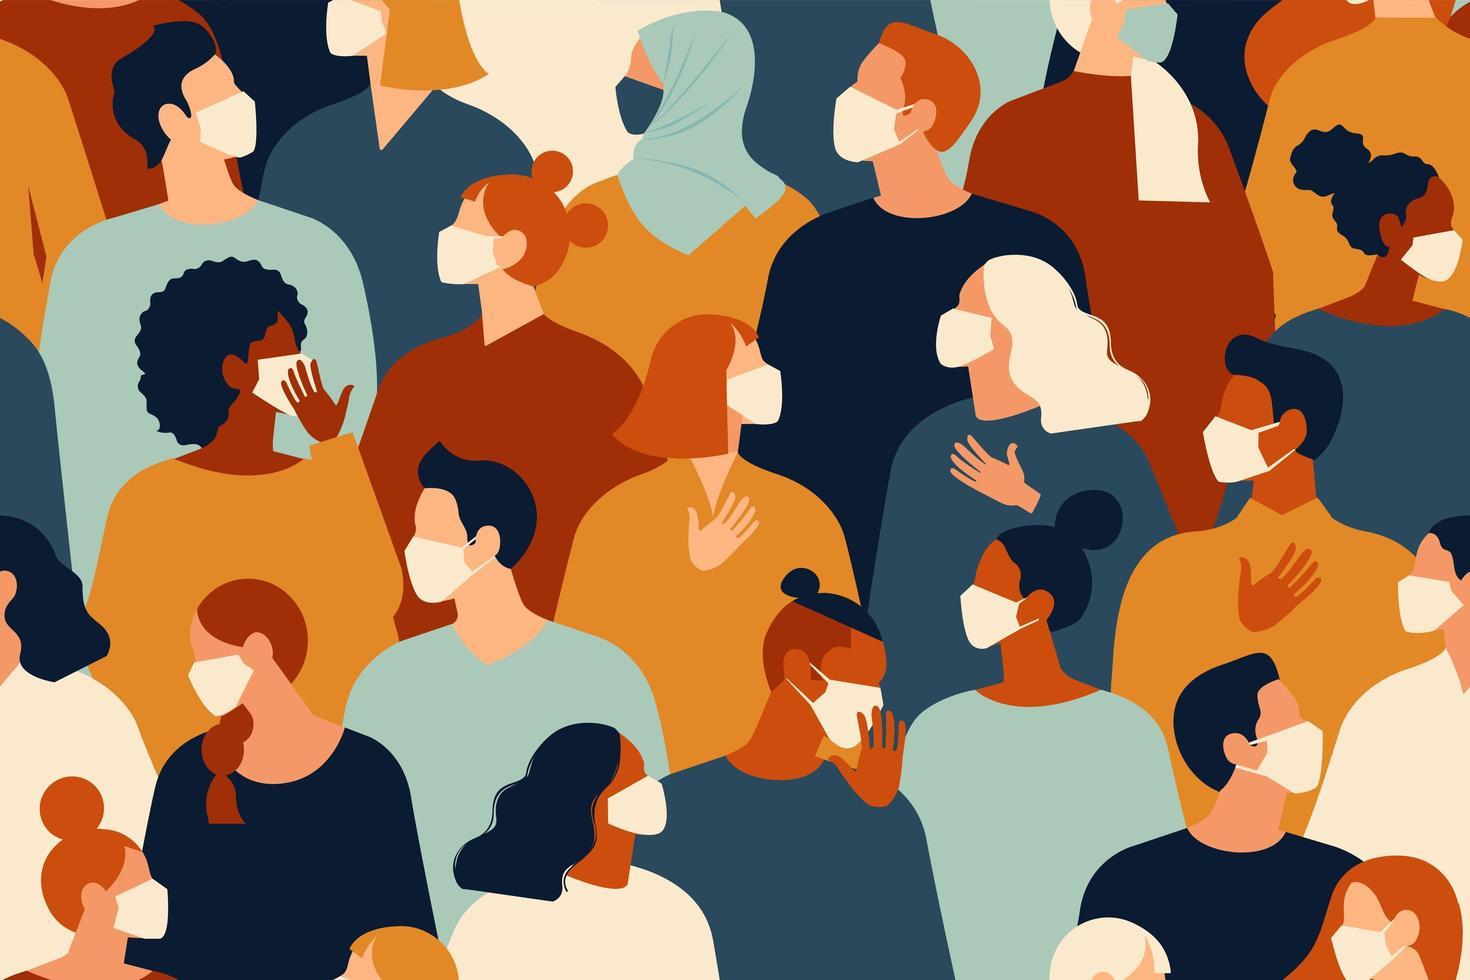 coronavirus pandemi. roman coronavirus 2019-ncov, människor i vit medicinsk ansiktsmask. begreppet koronavirus karantän vektorillustration. sömlösa mönster. vektor